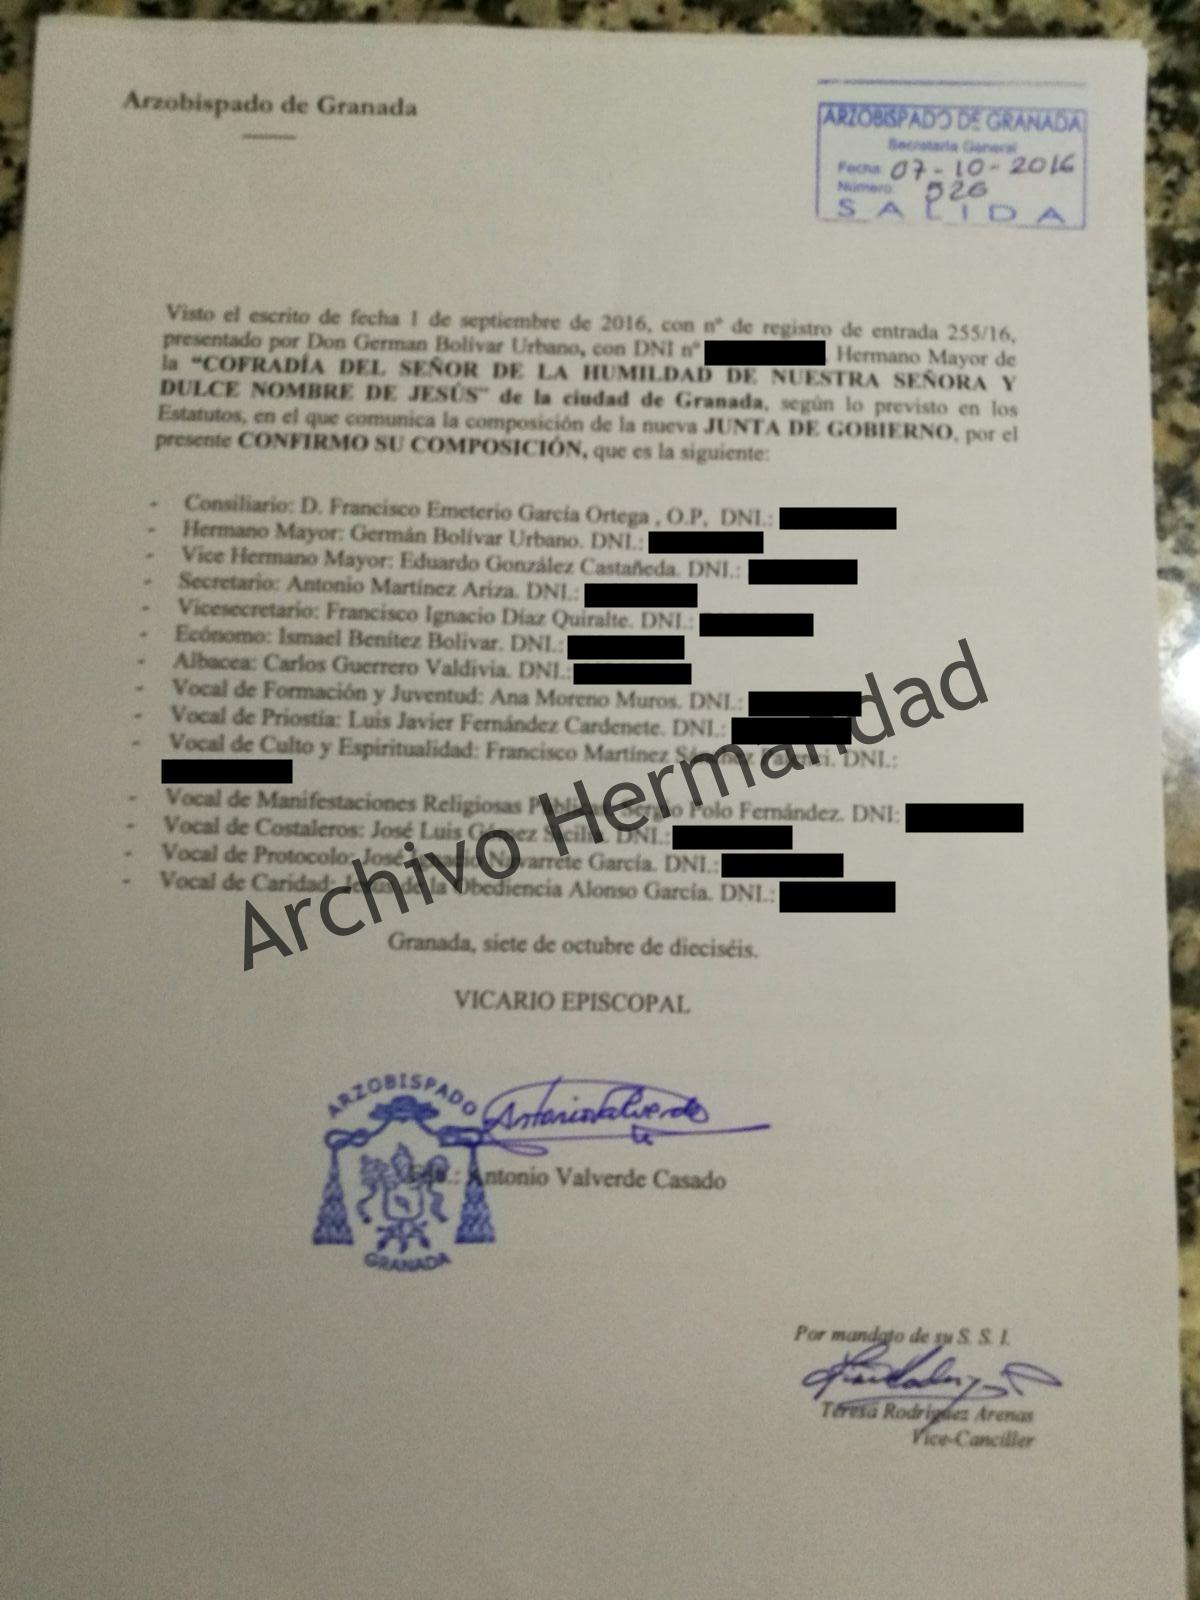 ratificacion-junta-de-gobierno-censurada